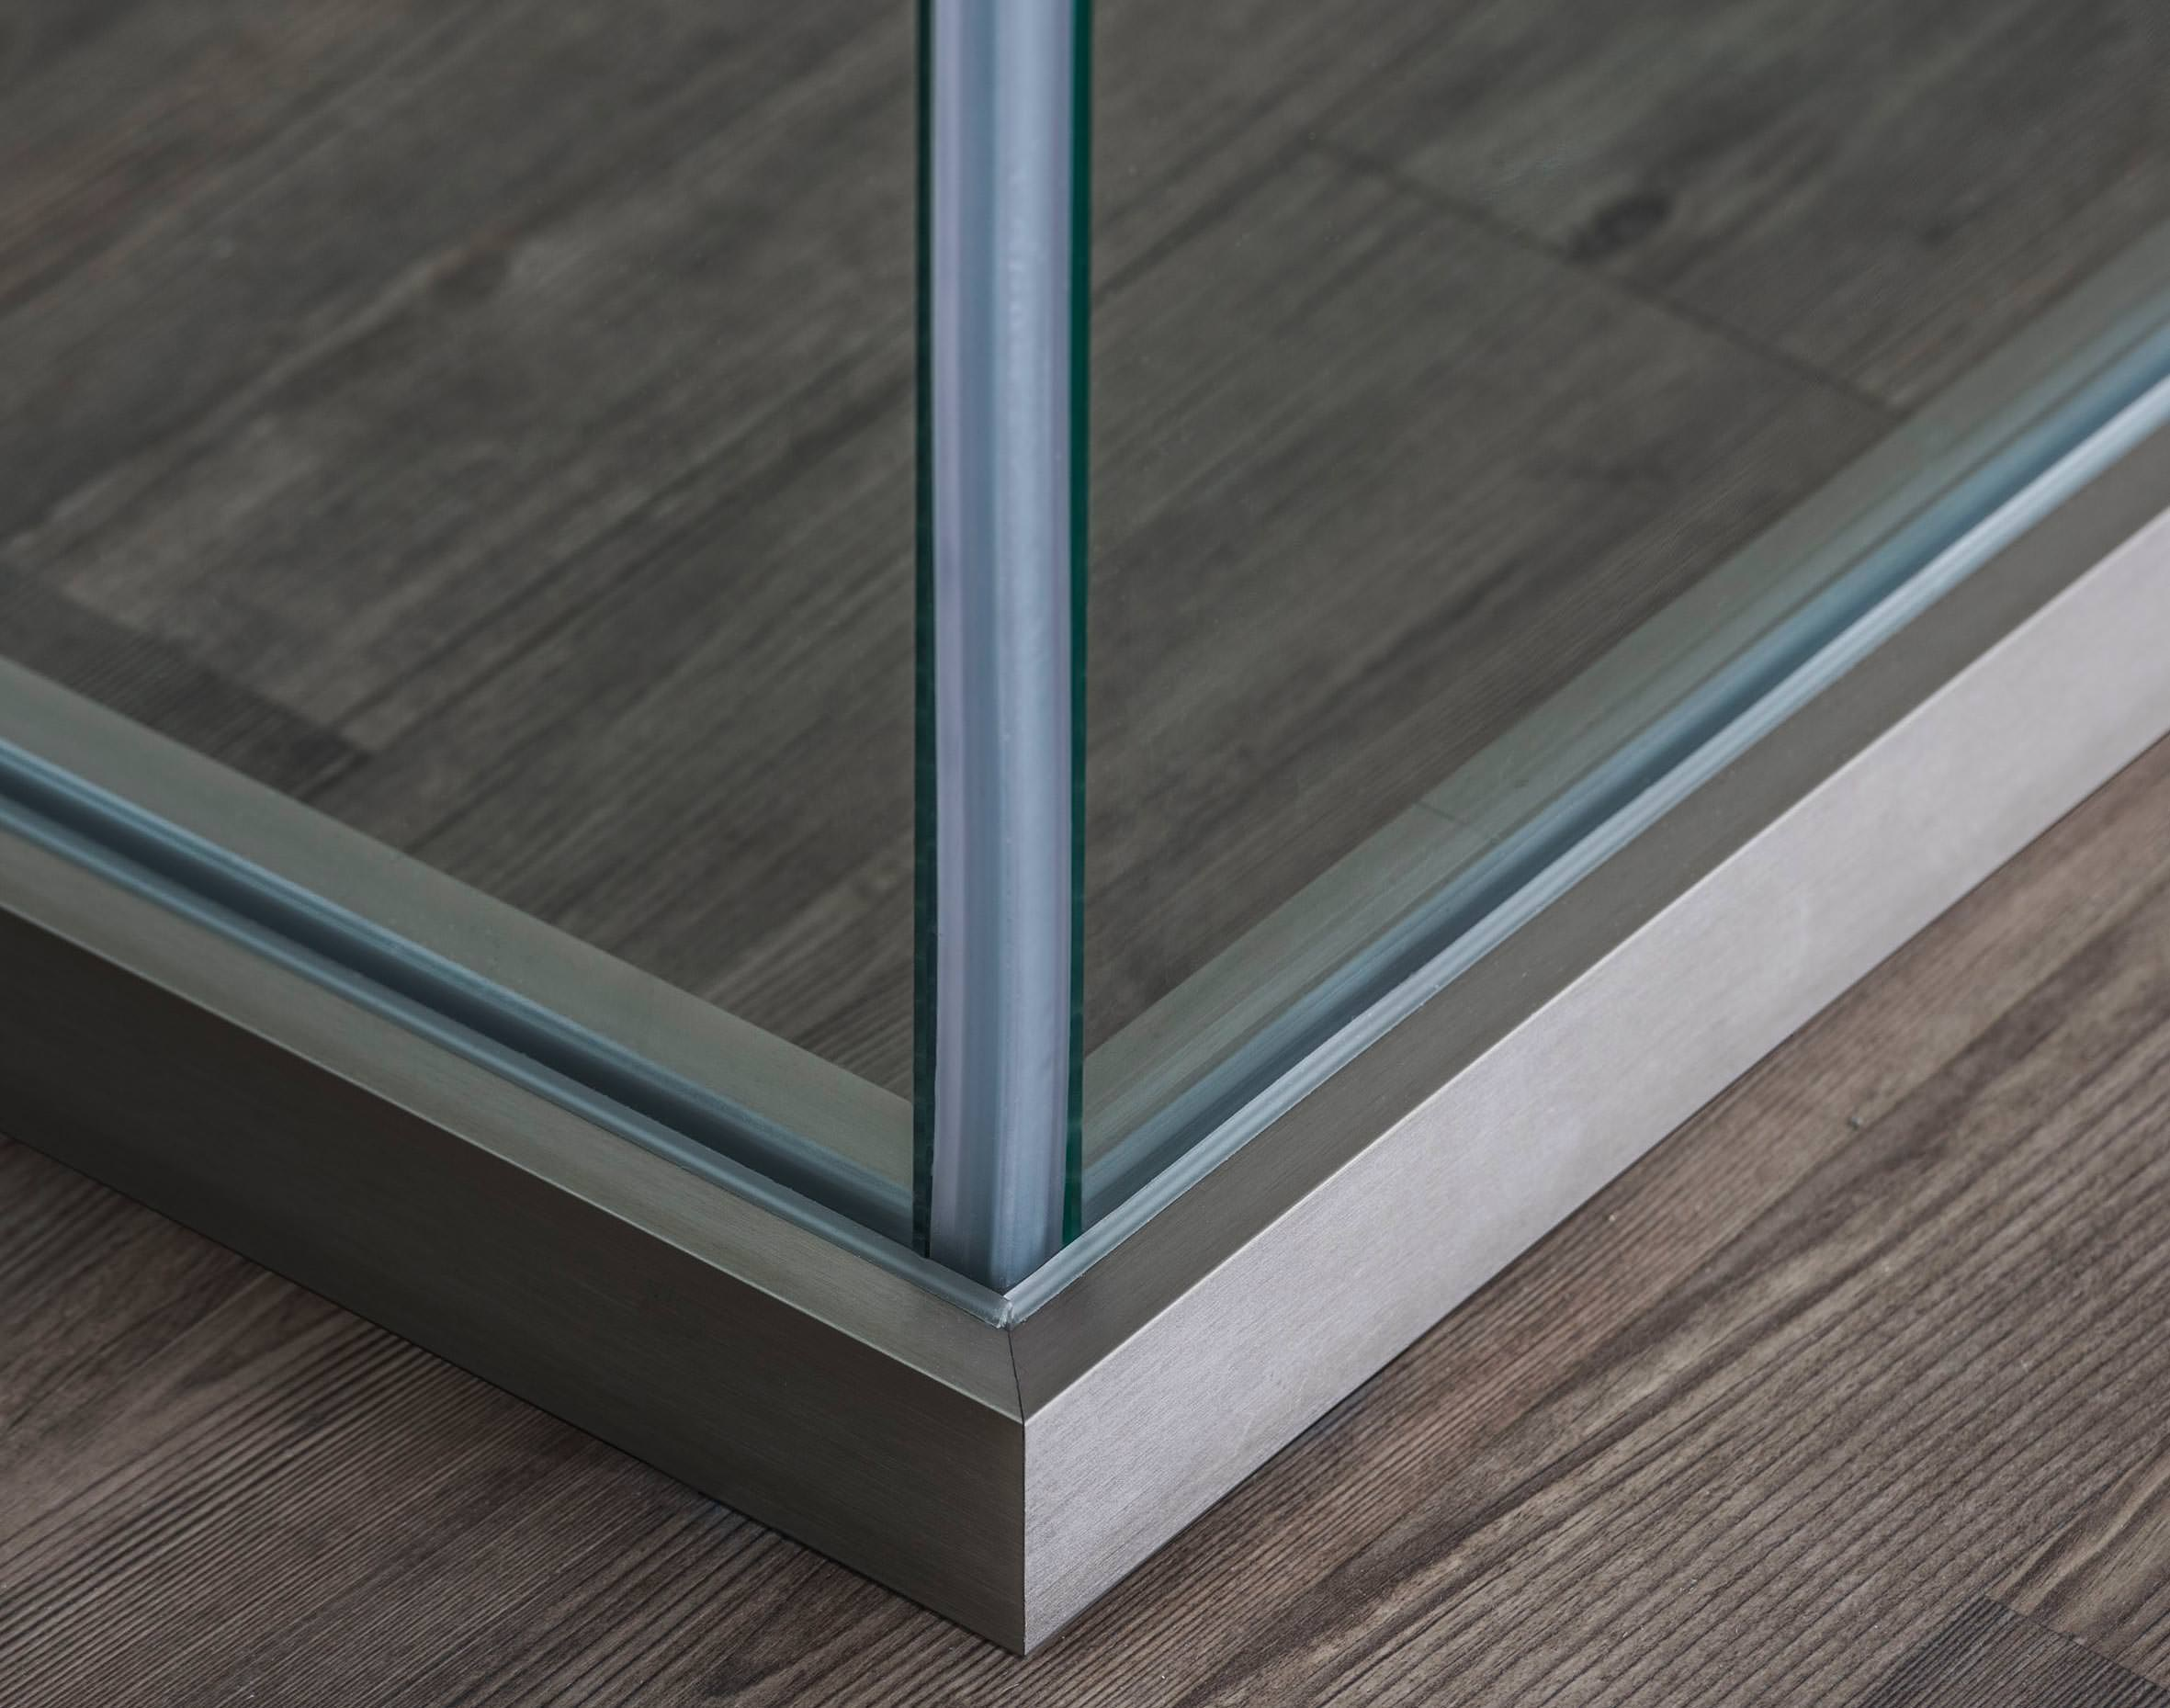 CLIP-IN: Schallschützendes Trennwandsystem mit enorm hohem Glasanteil